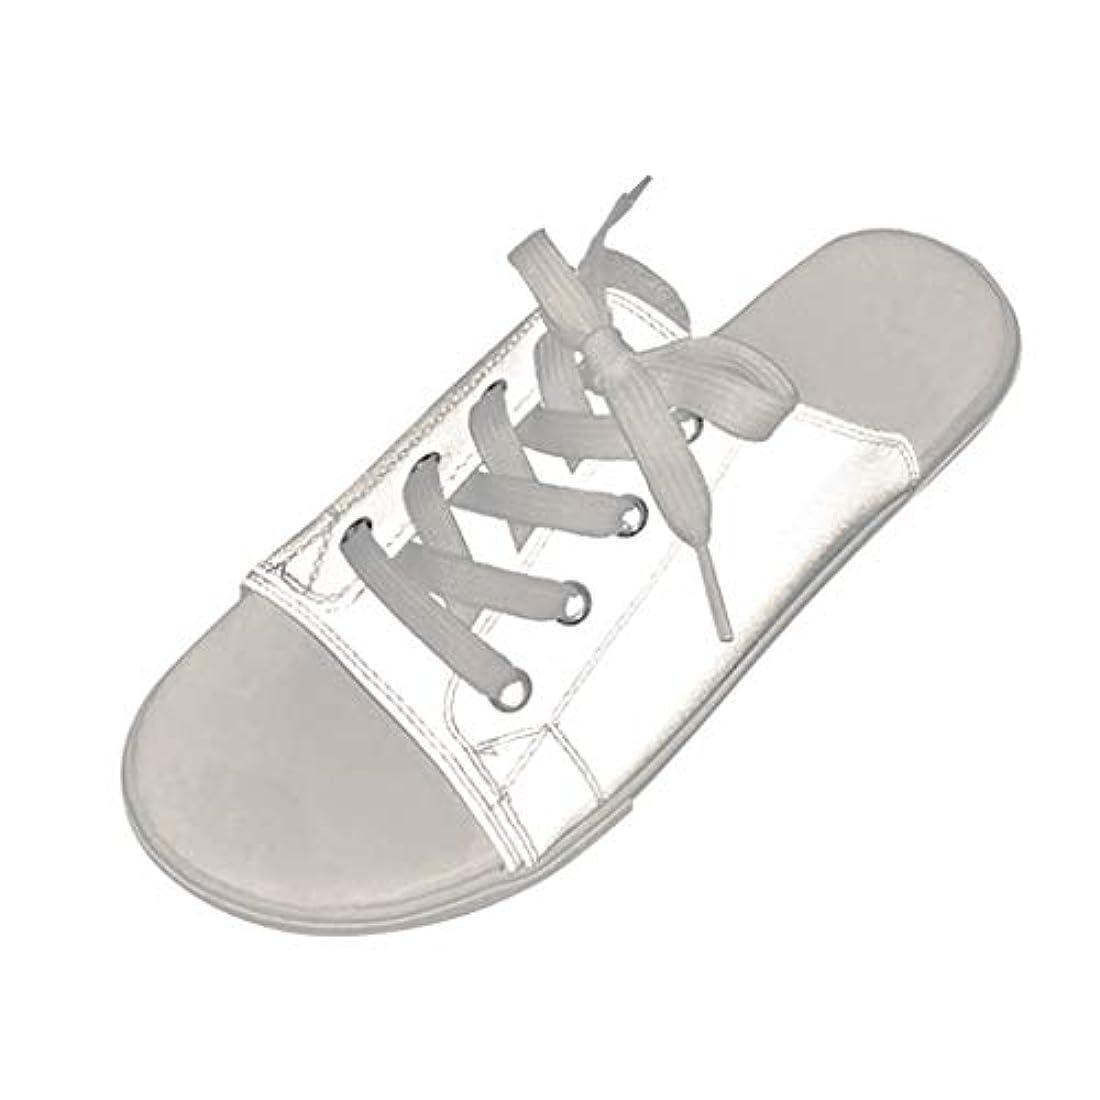 約ボランティア切断するカップルは靴を照らす スリッパシューズ サンダル フラットビーチシューズ 魚の口の靴 輝くサンダル フラットスリッパ レースアップビーチサンダル